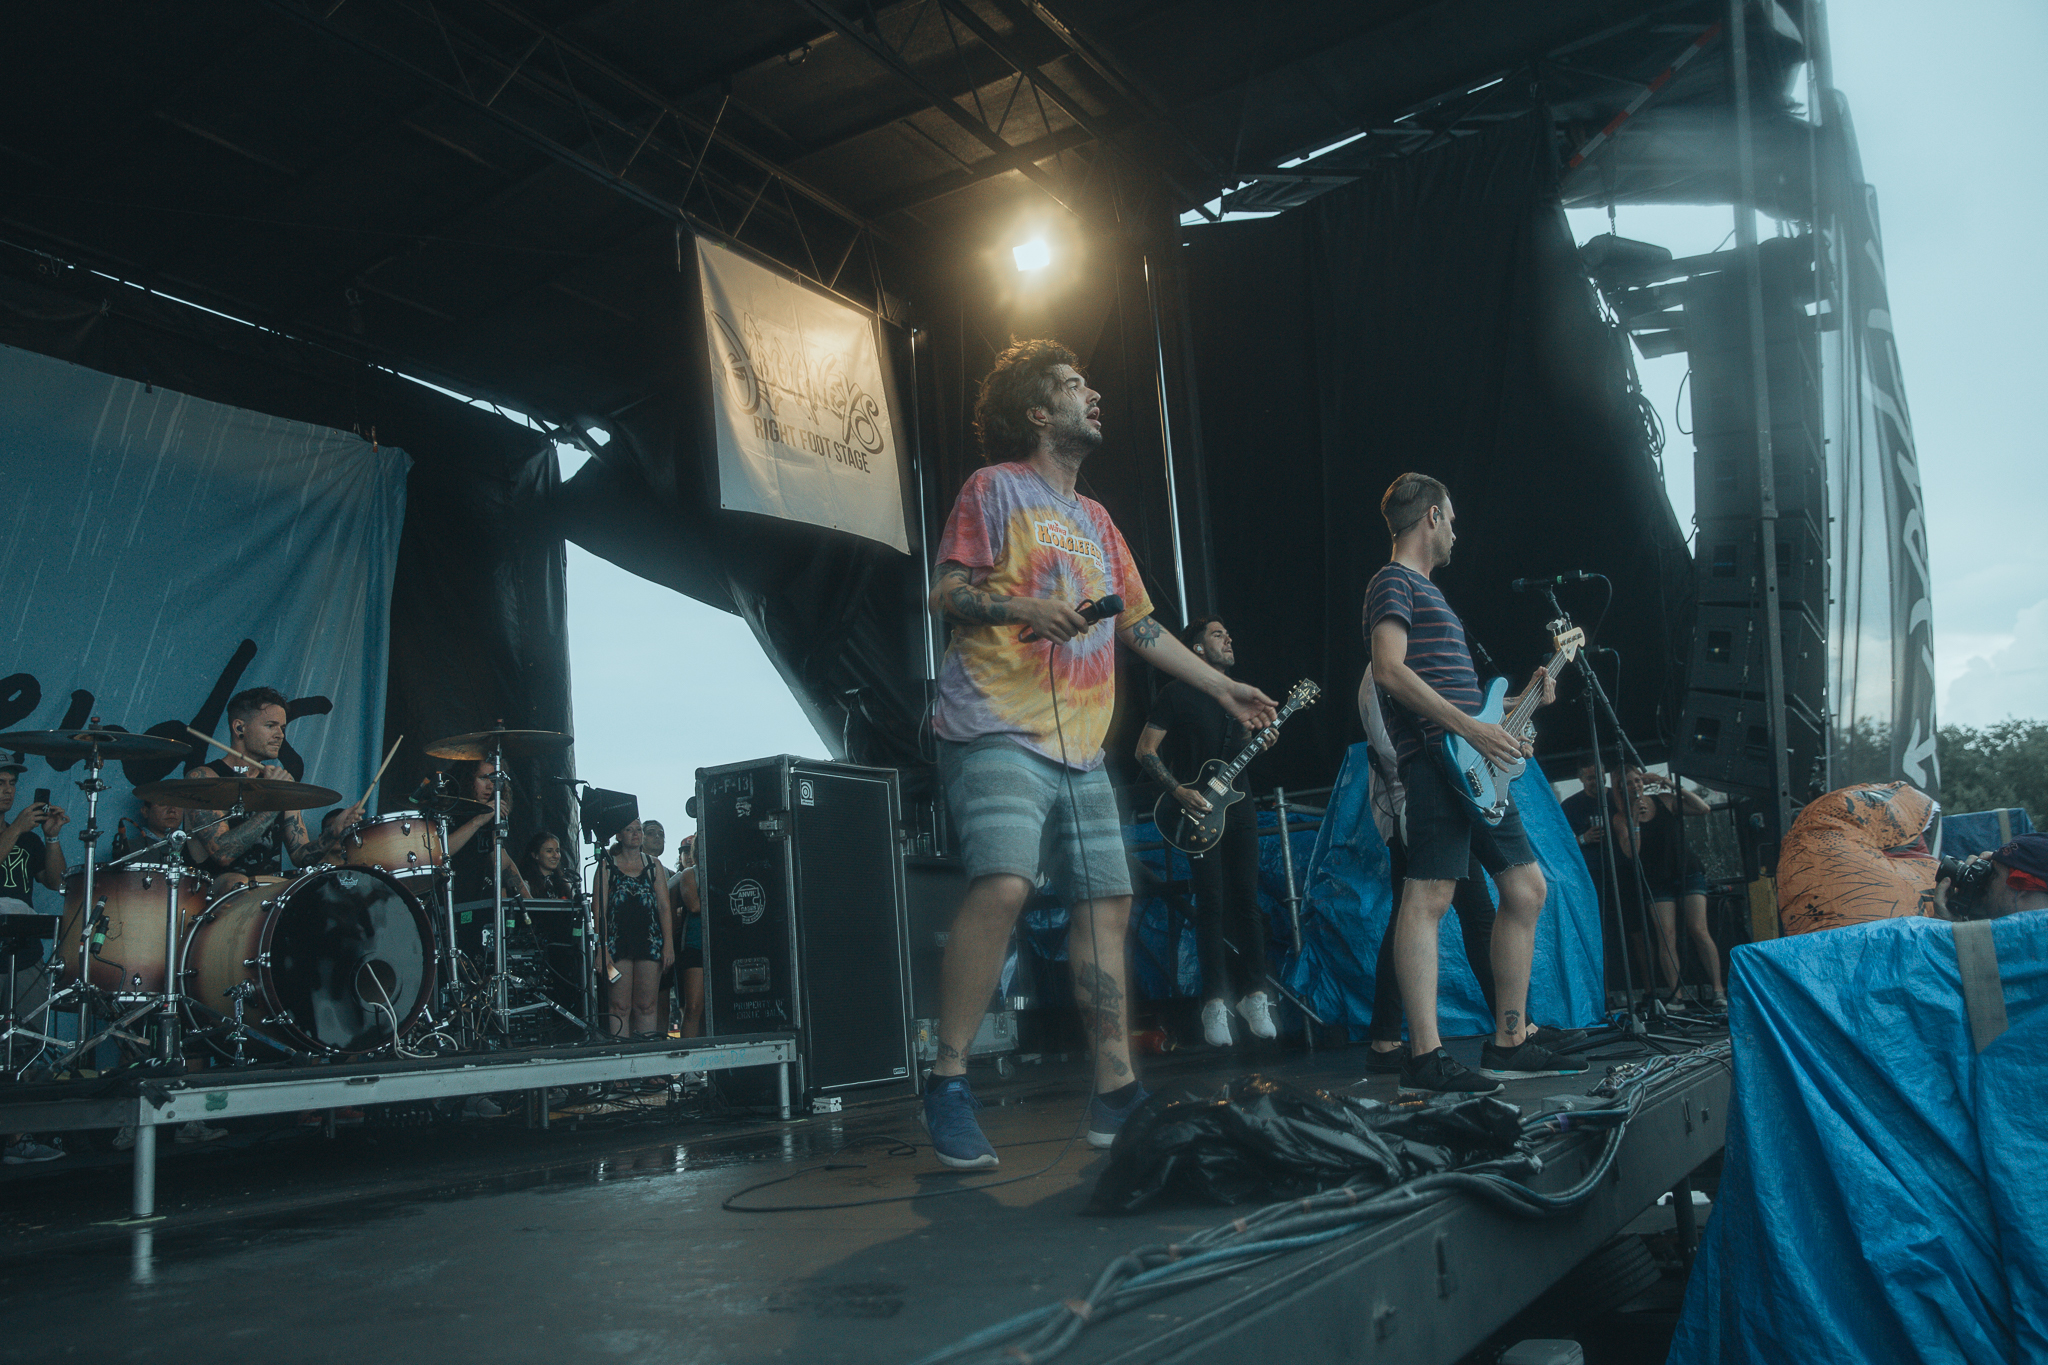 REAL FRIENDS PERFORMING AT VAN'S WARPED TOUR IN SAN ANTONIO, TX ON JULY 07, 2018.